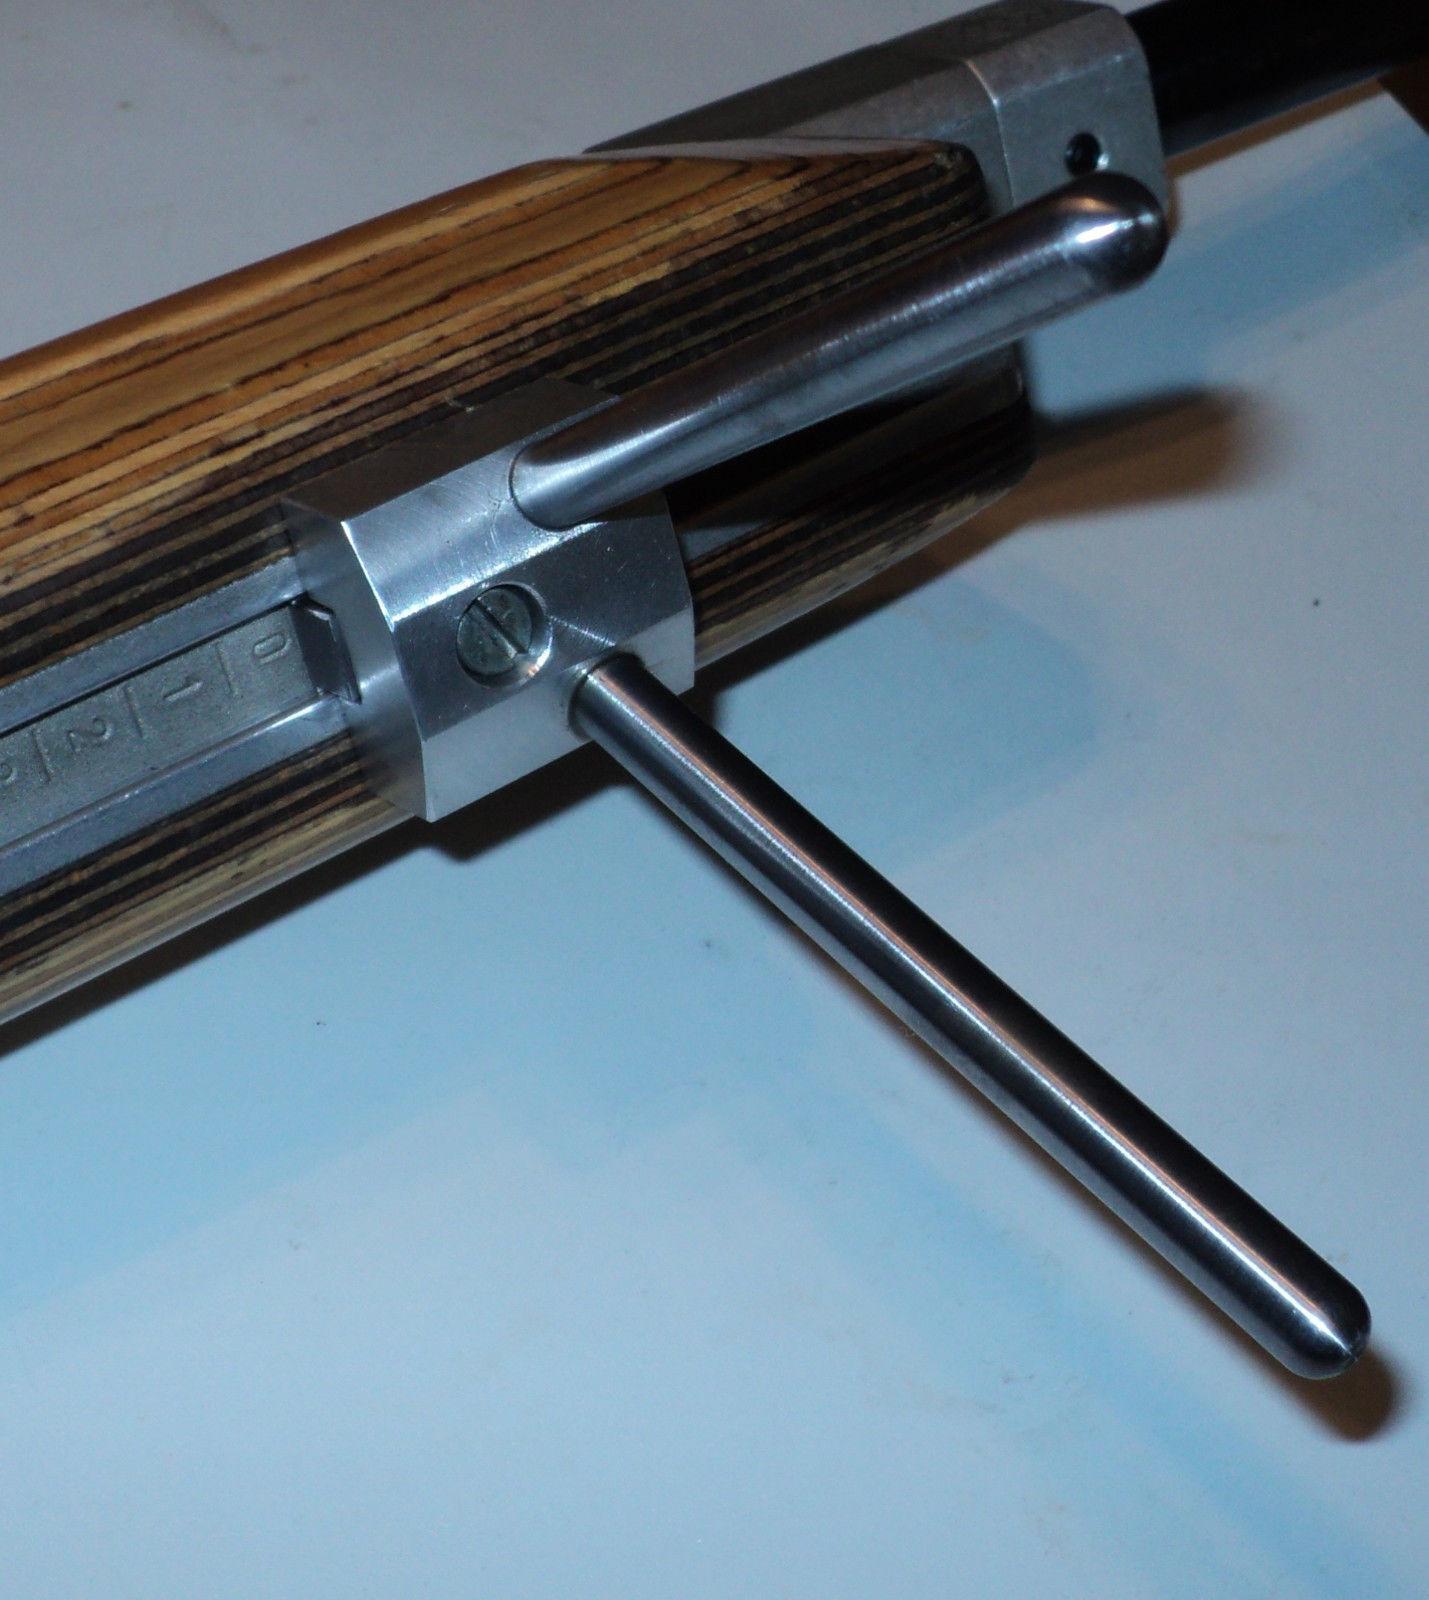 Legs  bi pod sport   for Anschutz , feinwerkbau  - bench rest - rail 11mm